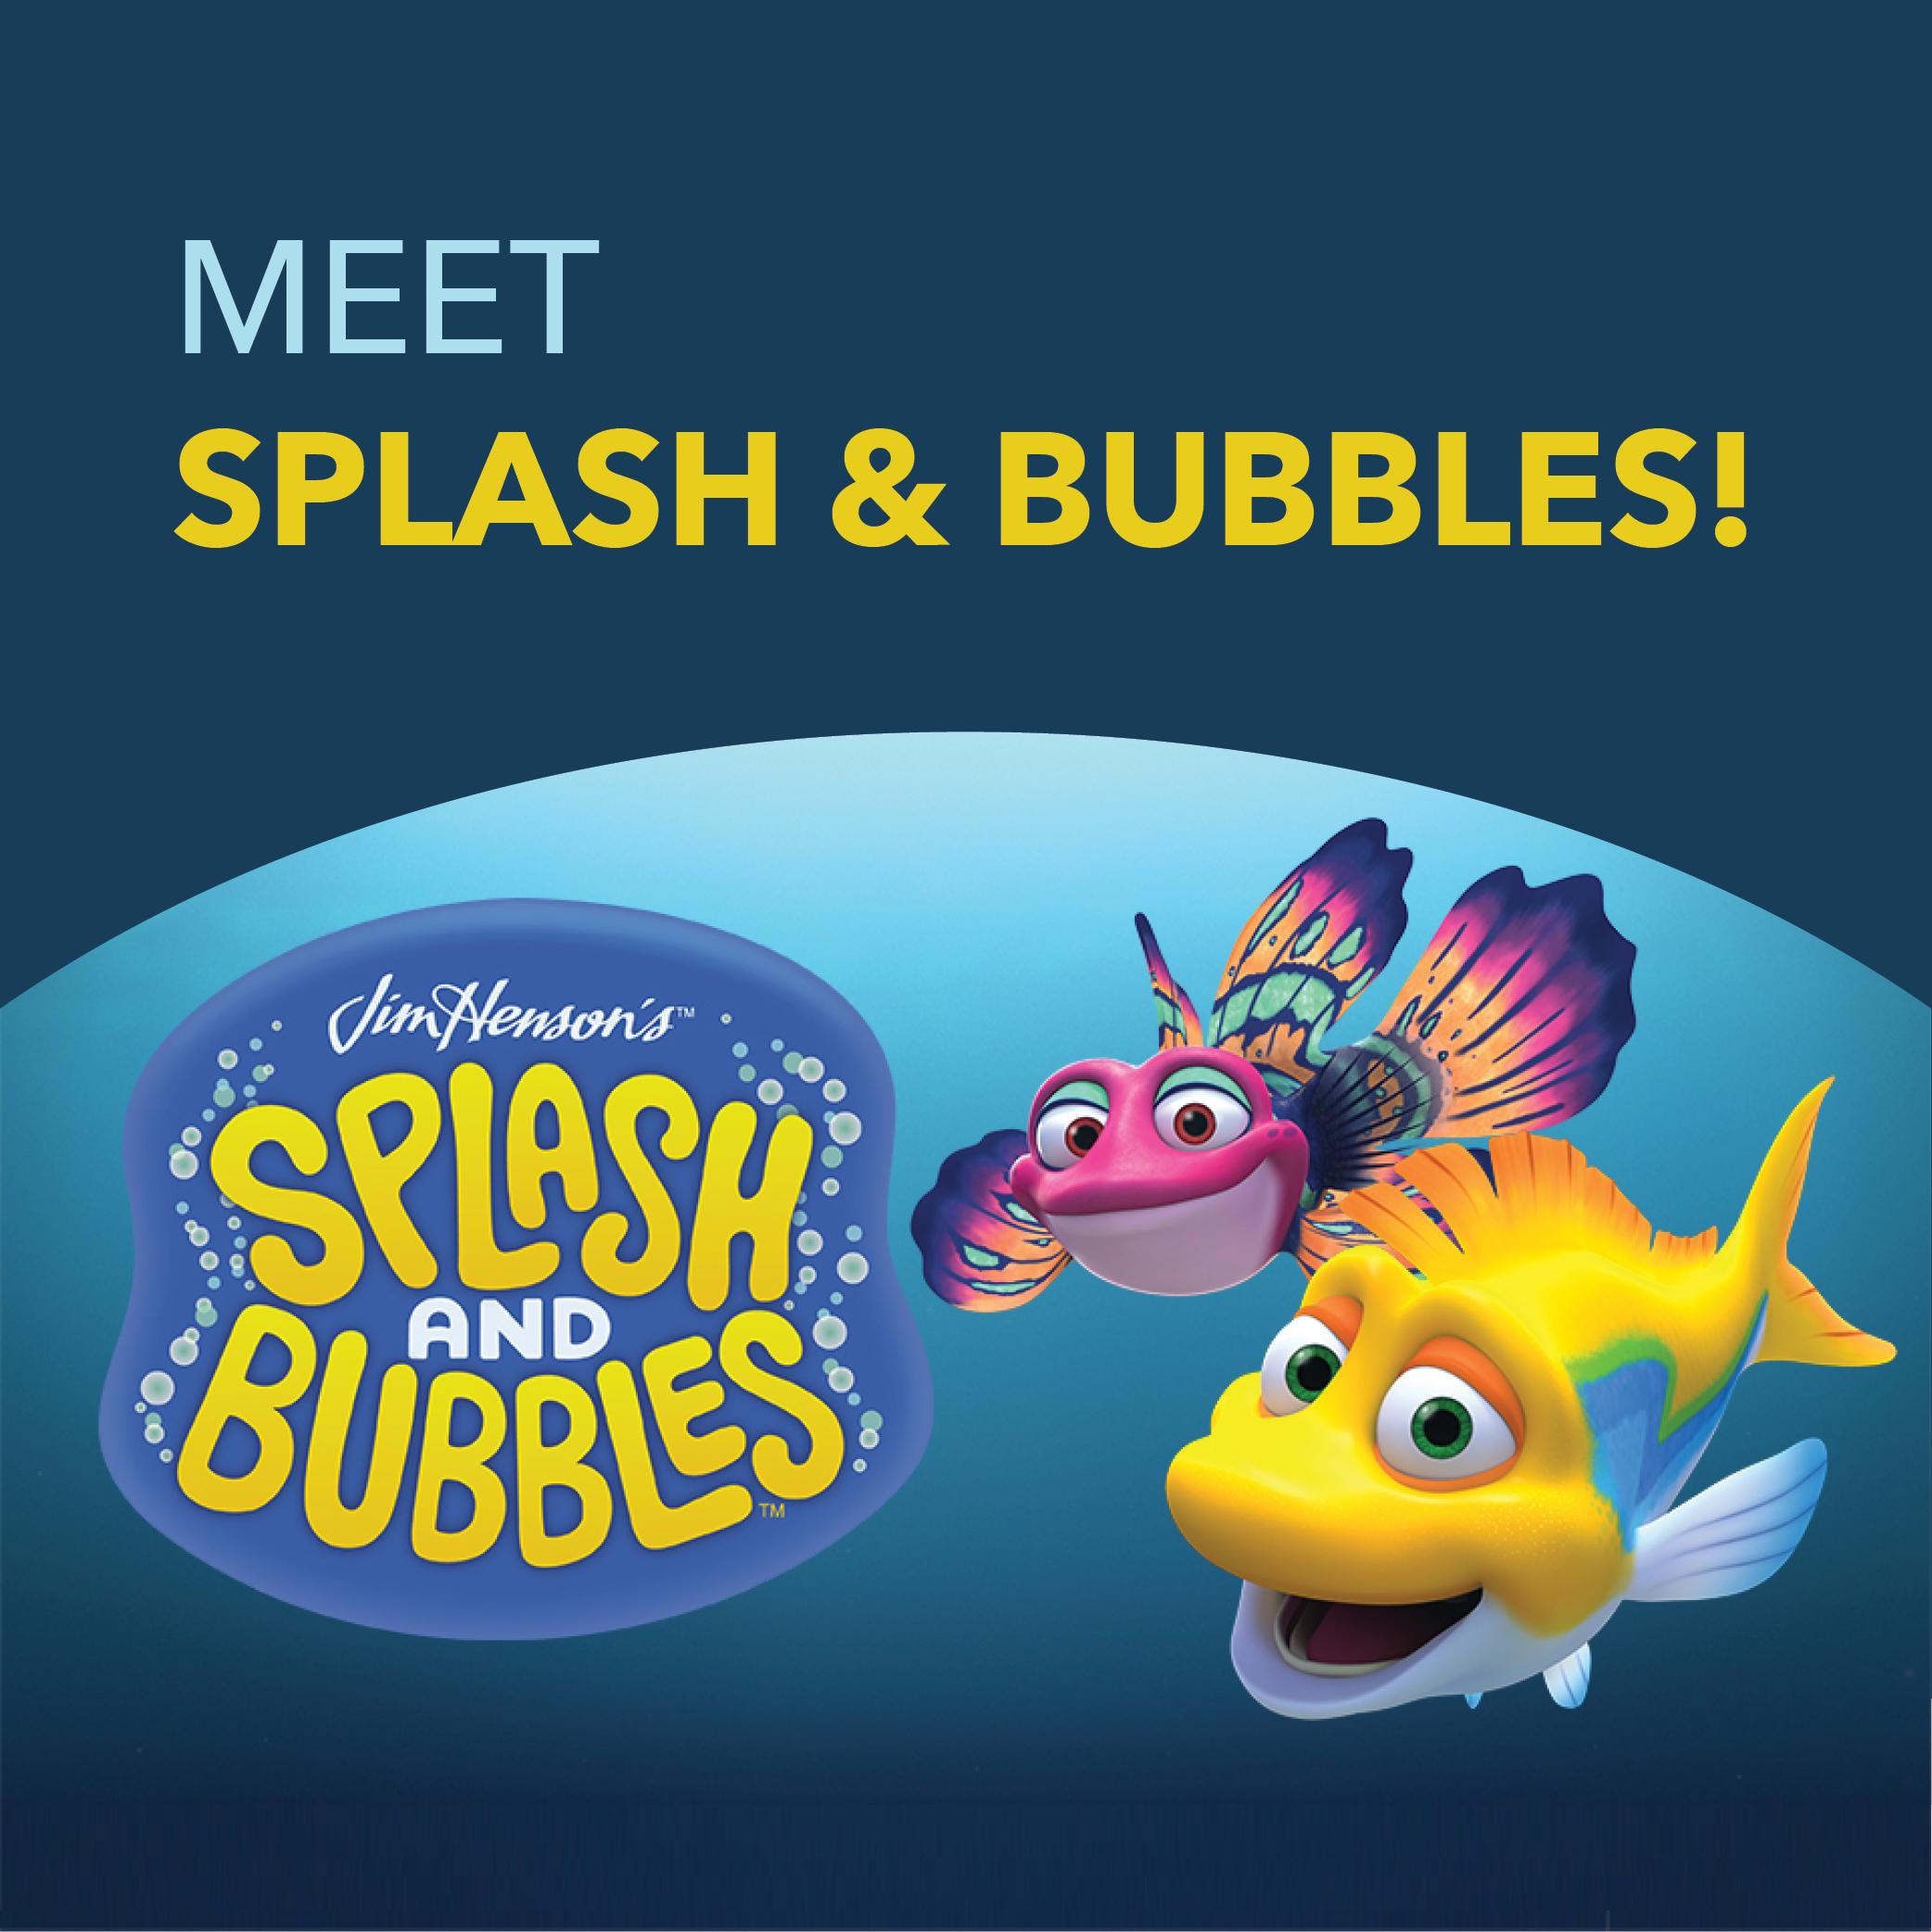 Splash and bubbles event square